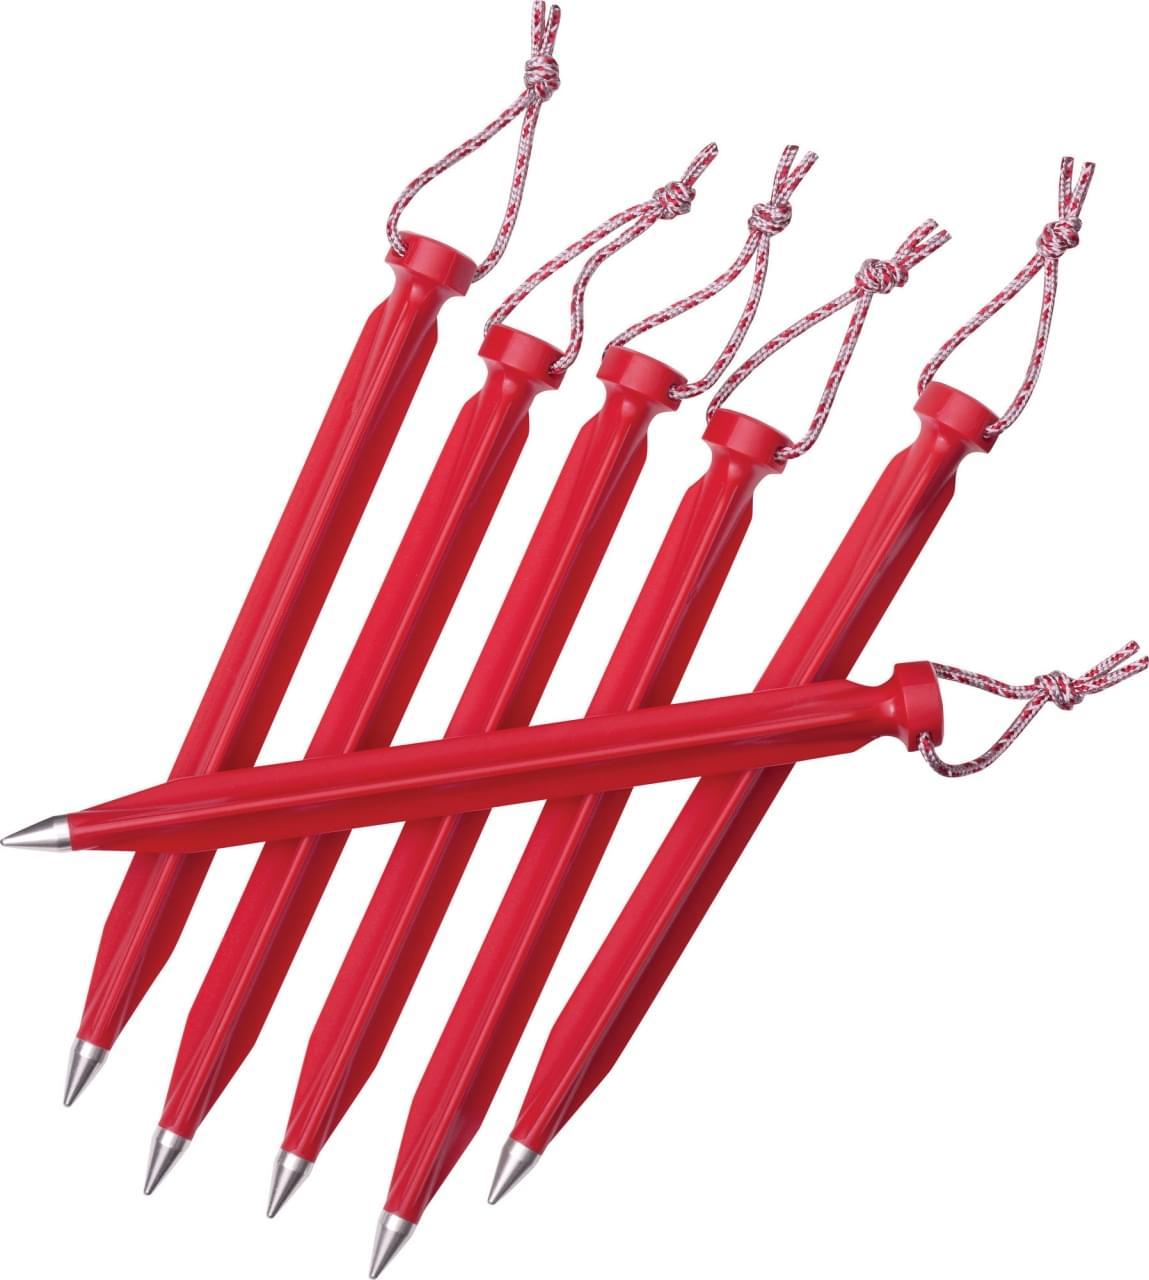 MSR Dart Stake 15 cm per 6 / Tentharingen